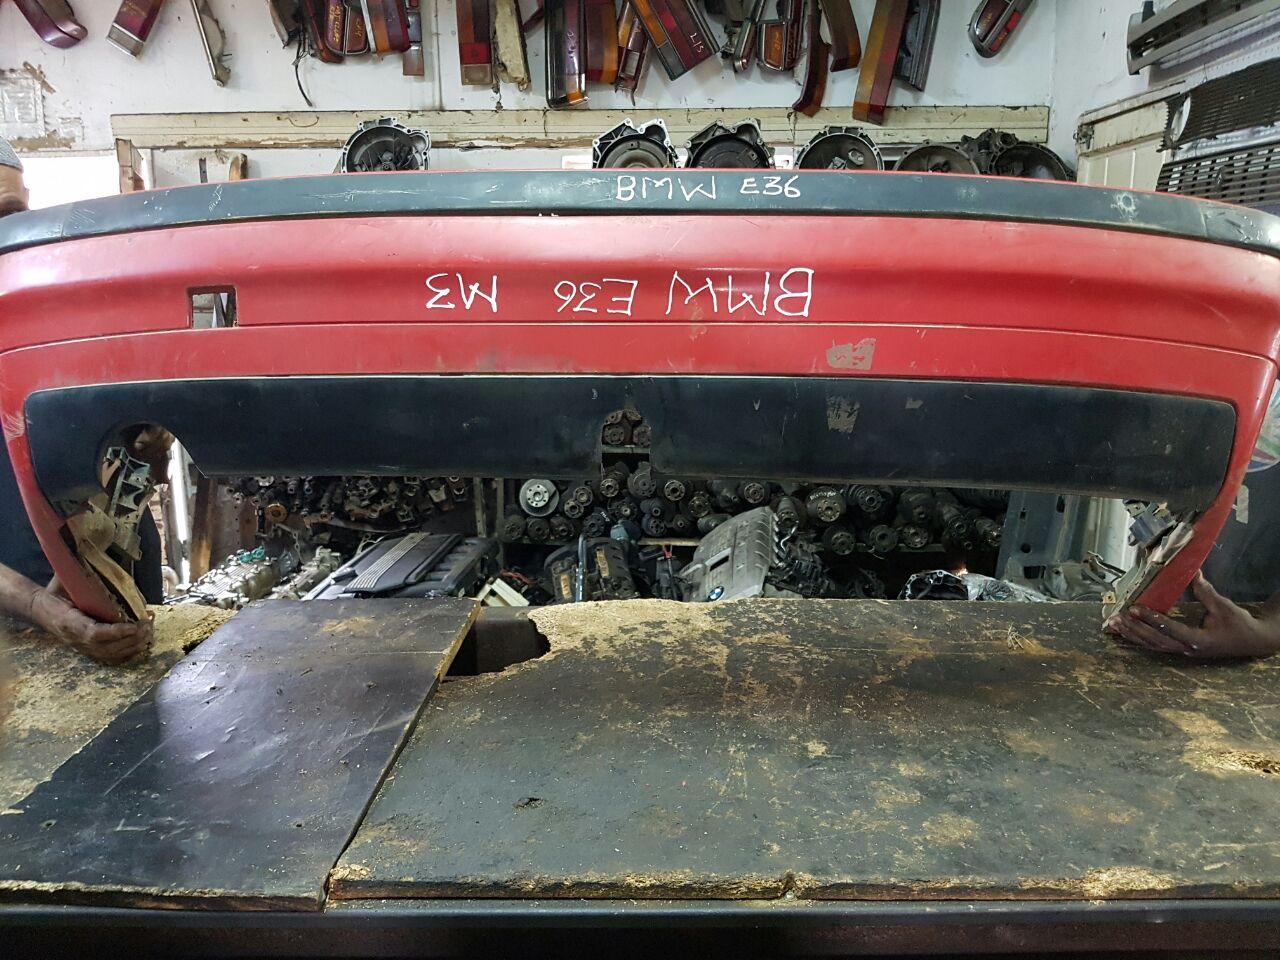 Btw e36 m3 rear bumper